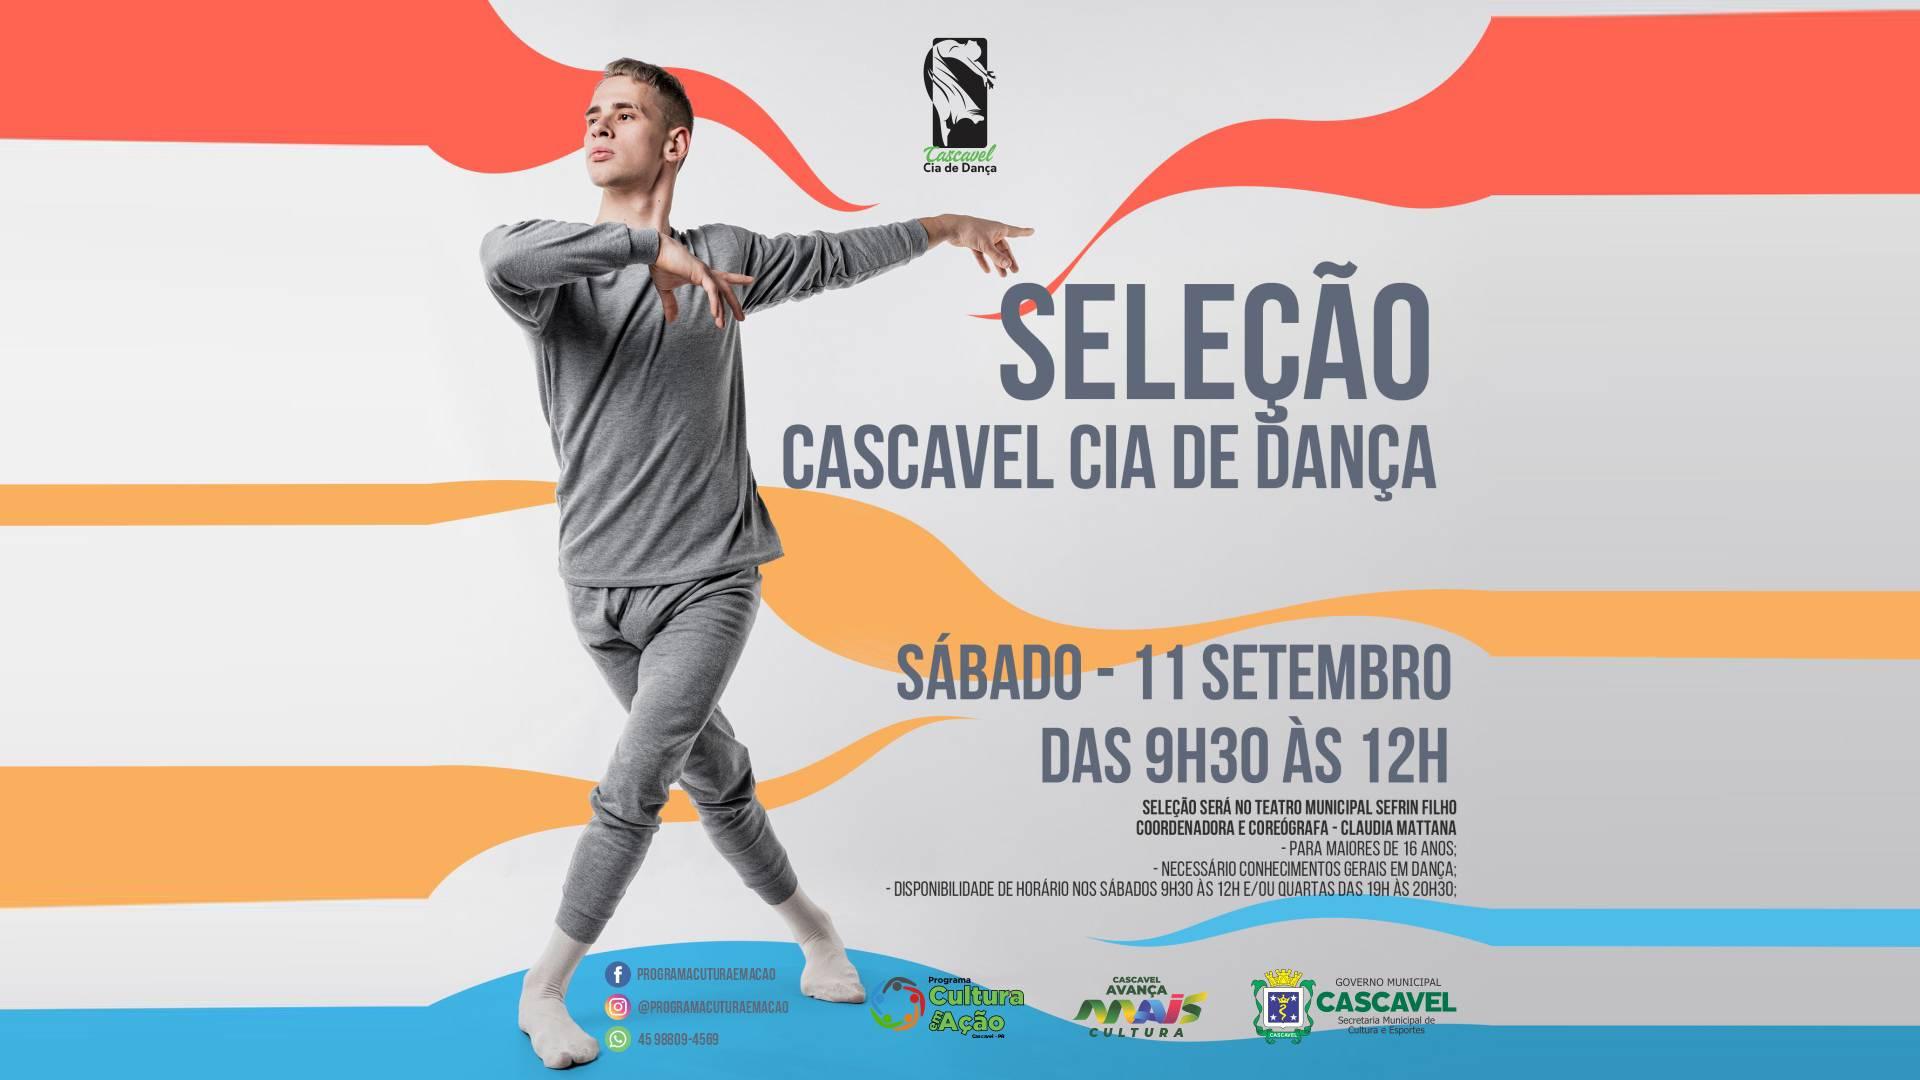 Cia de Dança de Cascavel promove seleção de dançarinos